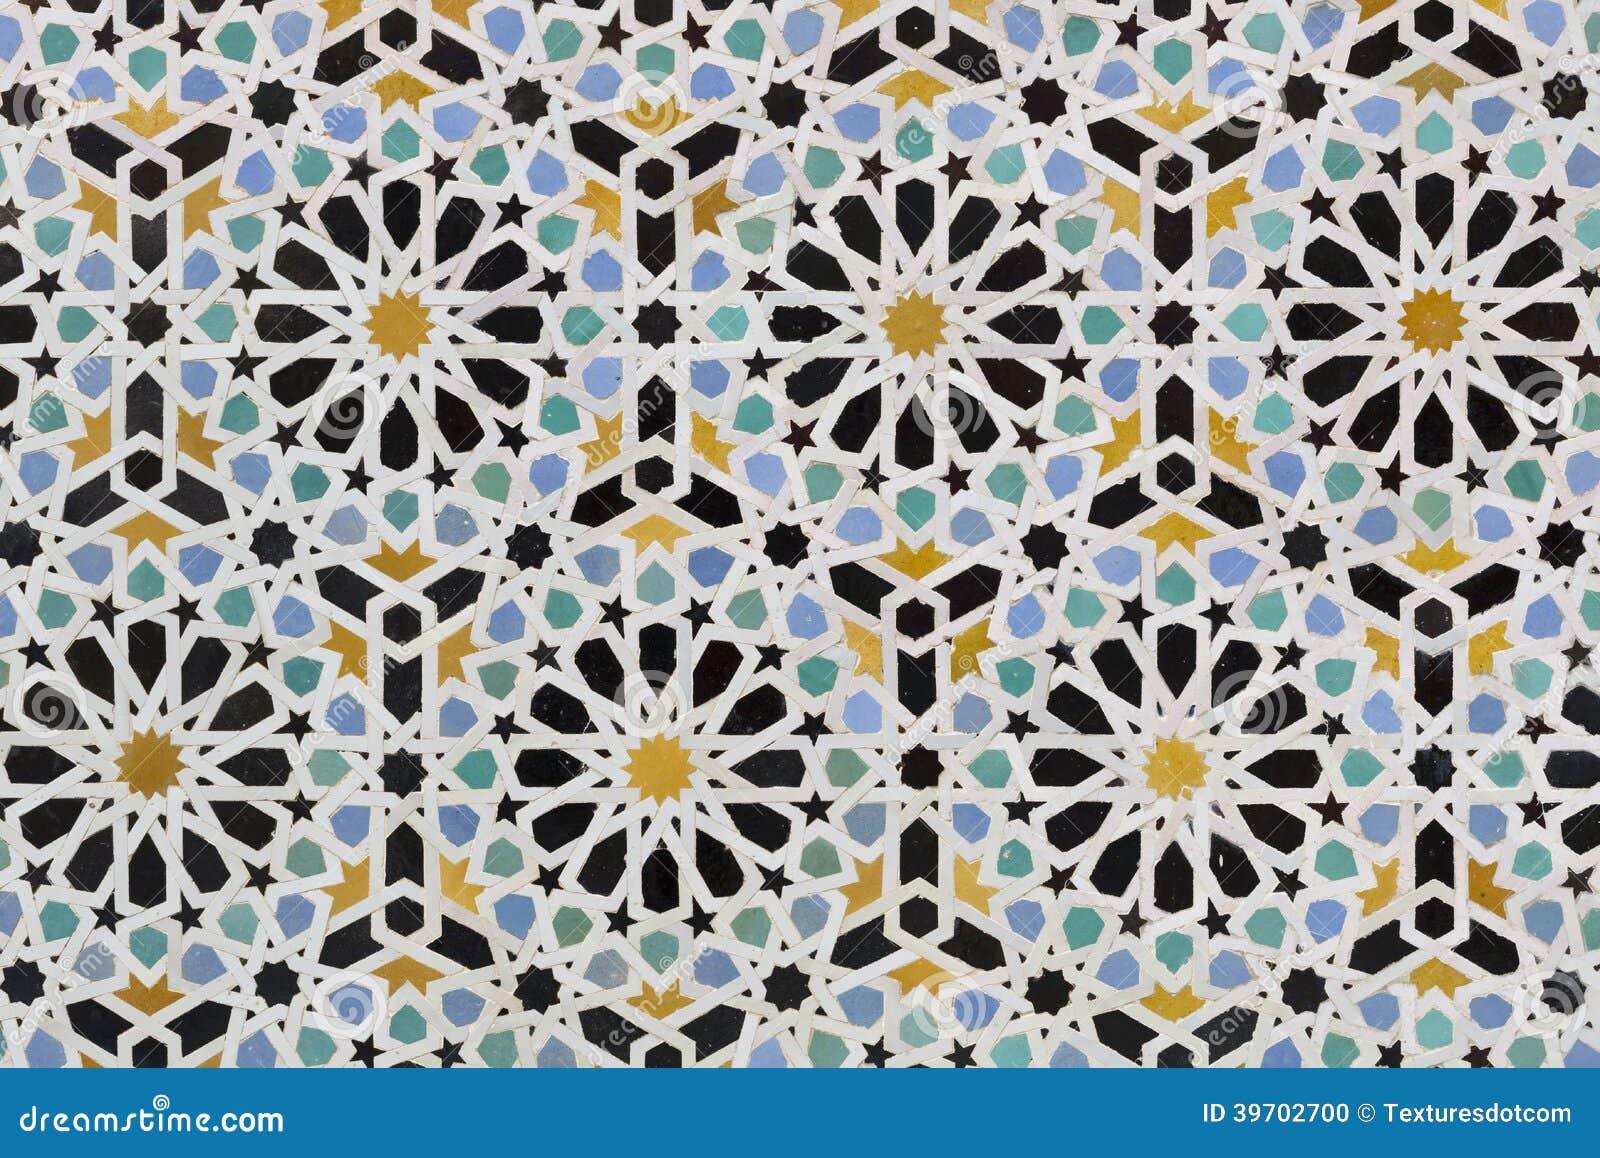 Piastrelle marocchine zellige prezzo mattonelle di mosaico di